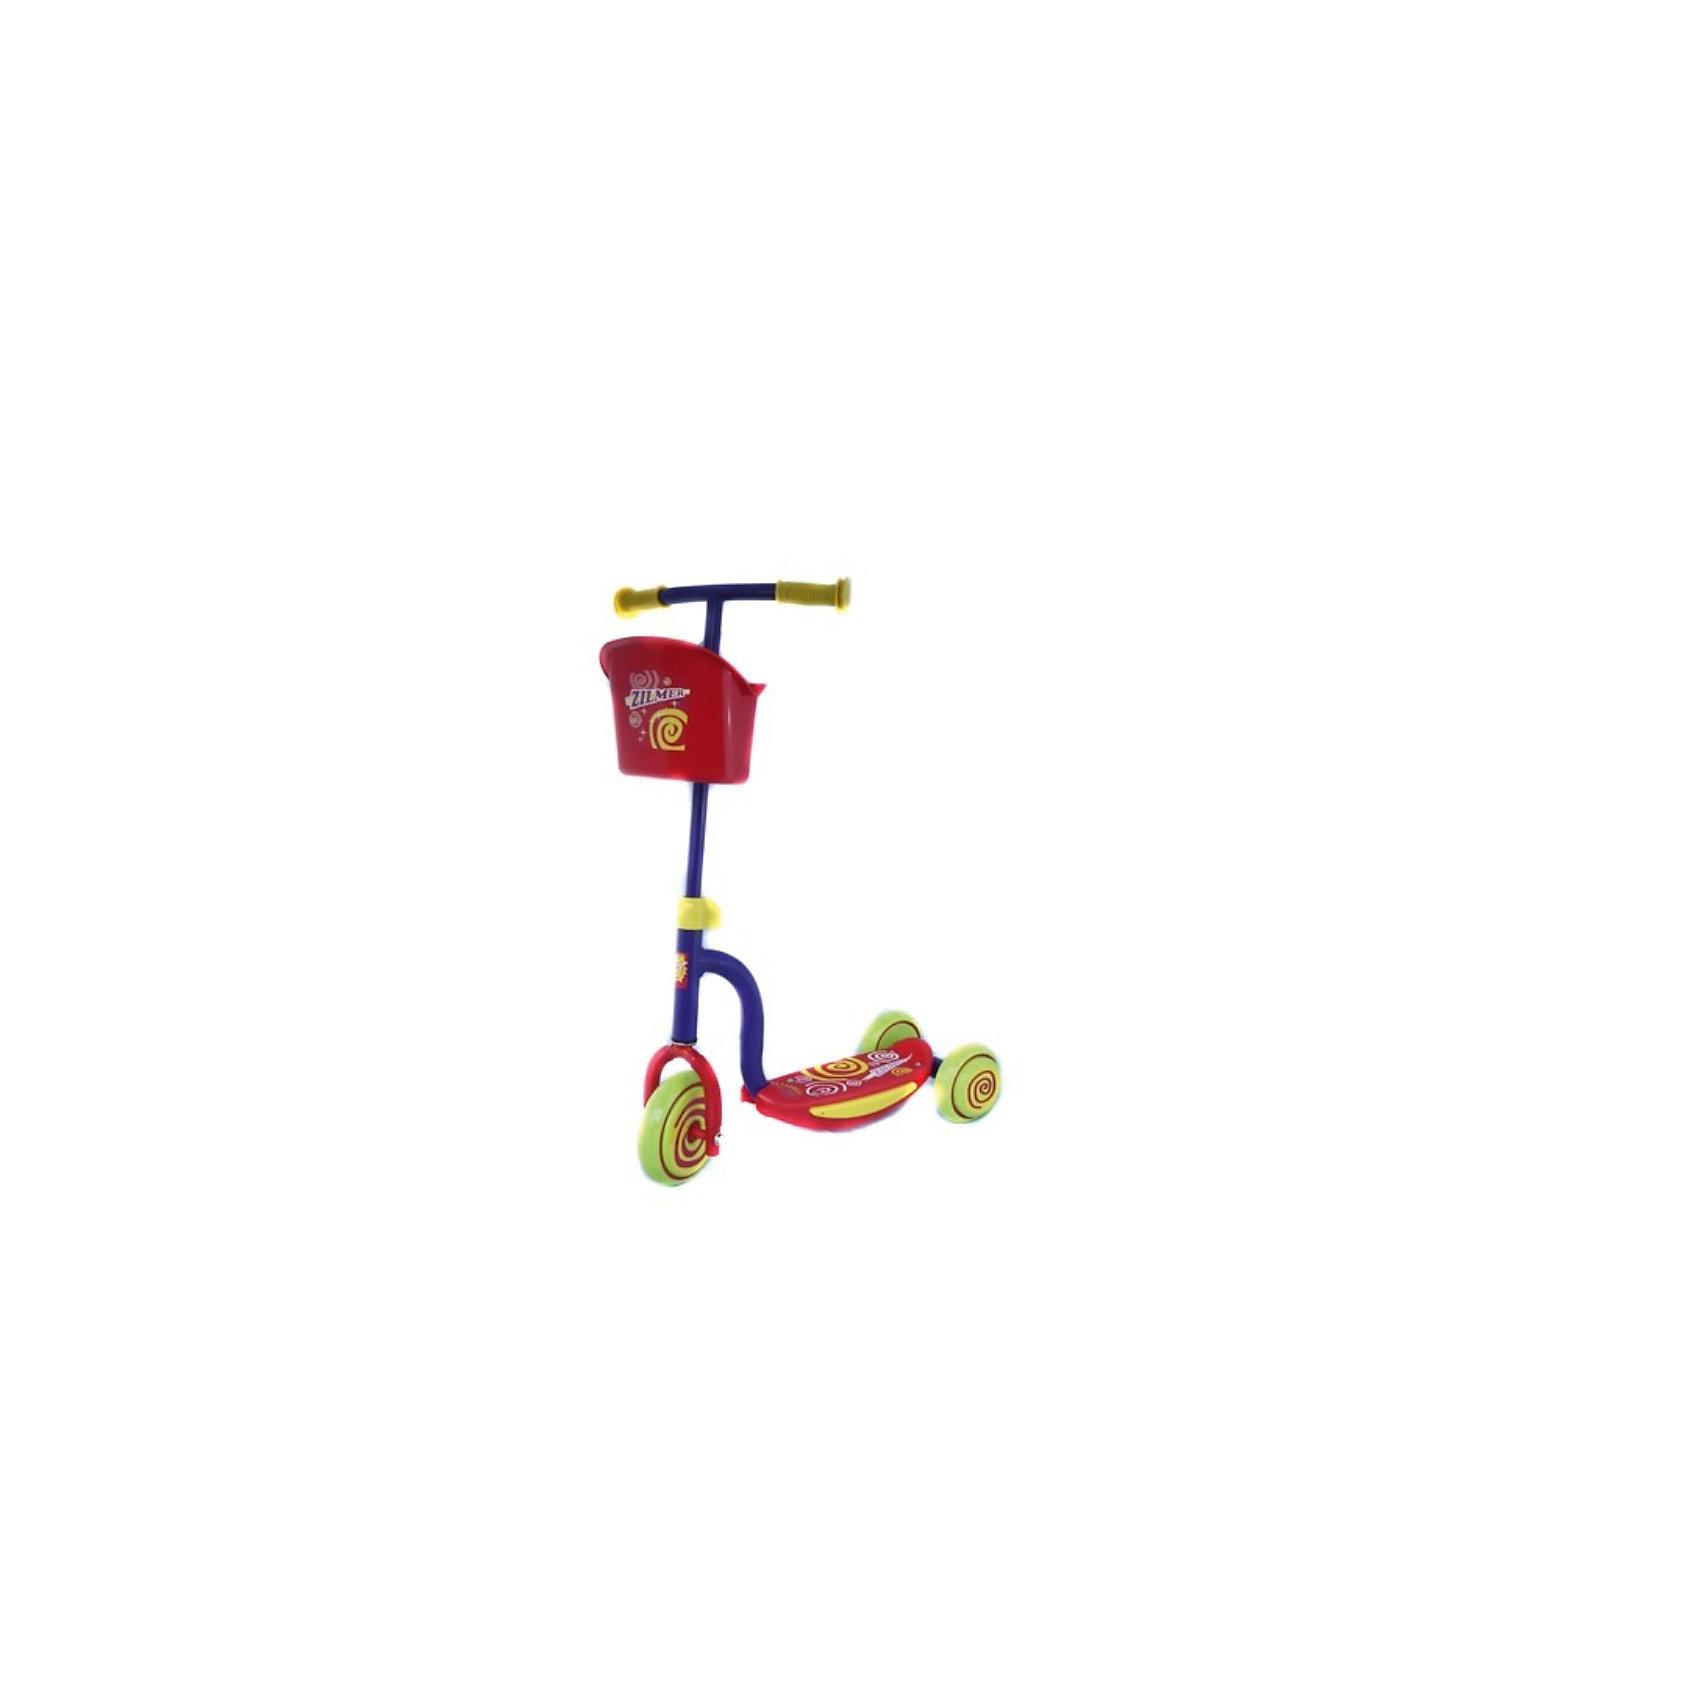 Самокат трёхколёсный Малыш, ZilmerСамокаты<br>Самокат трёхколёсный Малыш, Zilmer (Зилмер) – этот легкий и удобный трехколесный самокат для маленьких детей, которые еще только учатся кататься.<br>Такой самокат развивает координацию, равновесие и физическую форму. Три колеса сделают управление самокатом более уверенным и простым, а в корзинку можно что-нибудь положить, чтобы руки были не заняты. Теперь поездка в магазин станет гораздо увлекательнее.<br><br>Дополнительная информация:<br><br>- В комплекте: самокат, инструкция, ключ<br>- Материал: пластмасса, полипропилен, сталь<br>- Максимальная нагрузка до 20 кг.<br>- Размер деки: 340 х 94 мм.<br>- Длина: 34 см.<br>- Диаметр колеса: 14 см спереди, 12 см сзади.<br>- Вес: 3200 гр.<br><br>Самокат трёхколёсный Малыш, Zilmer (Зилмер) можно купить в нашем интернет-магазине.<br><br>Ширина мм: 570<br>Глубина мм: 220<br>Высота мм: 270<br>Вес г: 3200<br>Возраст от месяцев: 72<br>Возраст до месяцев: 120<br>Пол: Женский<br>Возраст: Детский<br>SKU: 3774159